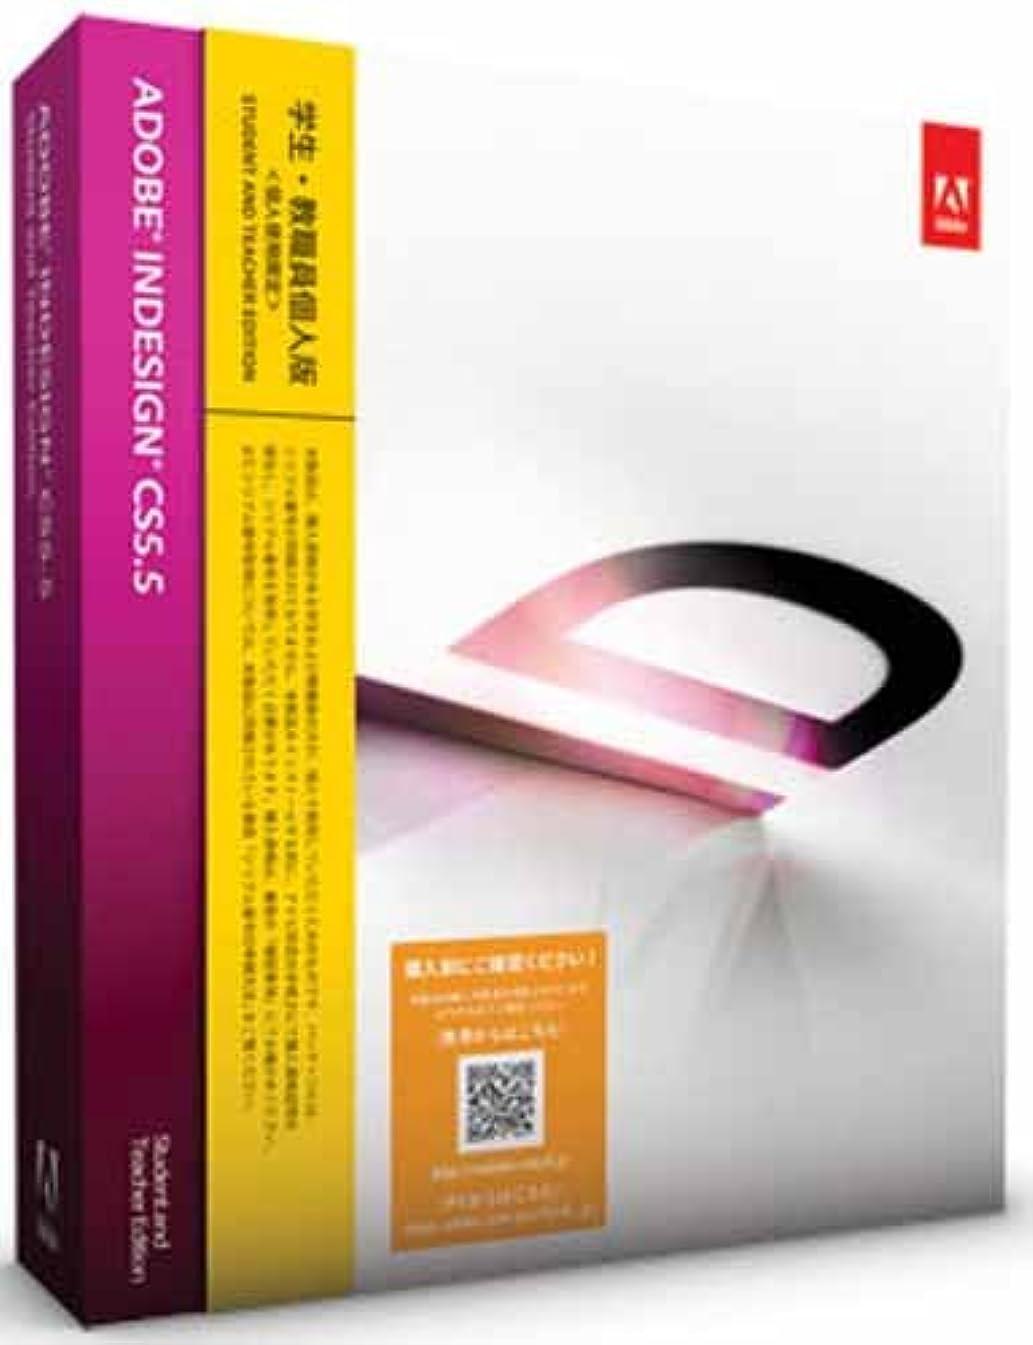 カラス酔っ払い金貸し学生?教職員個人版 Adobe InDesign CS5.5 Macintosh版 (要シリアル番号申請)